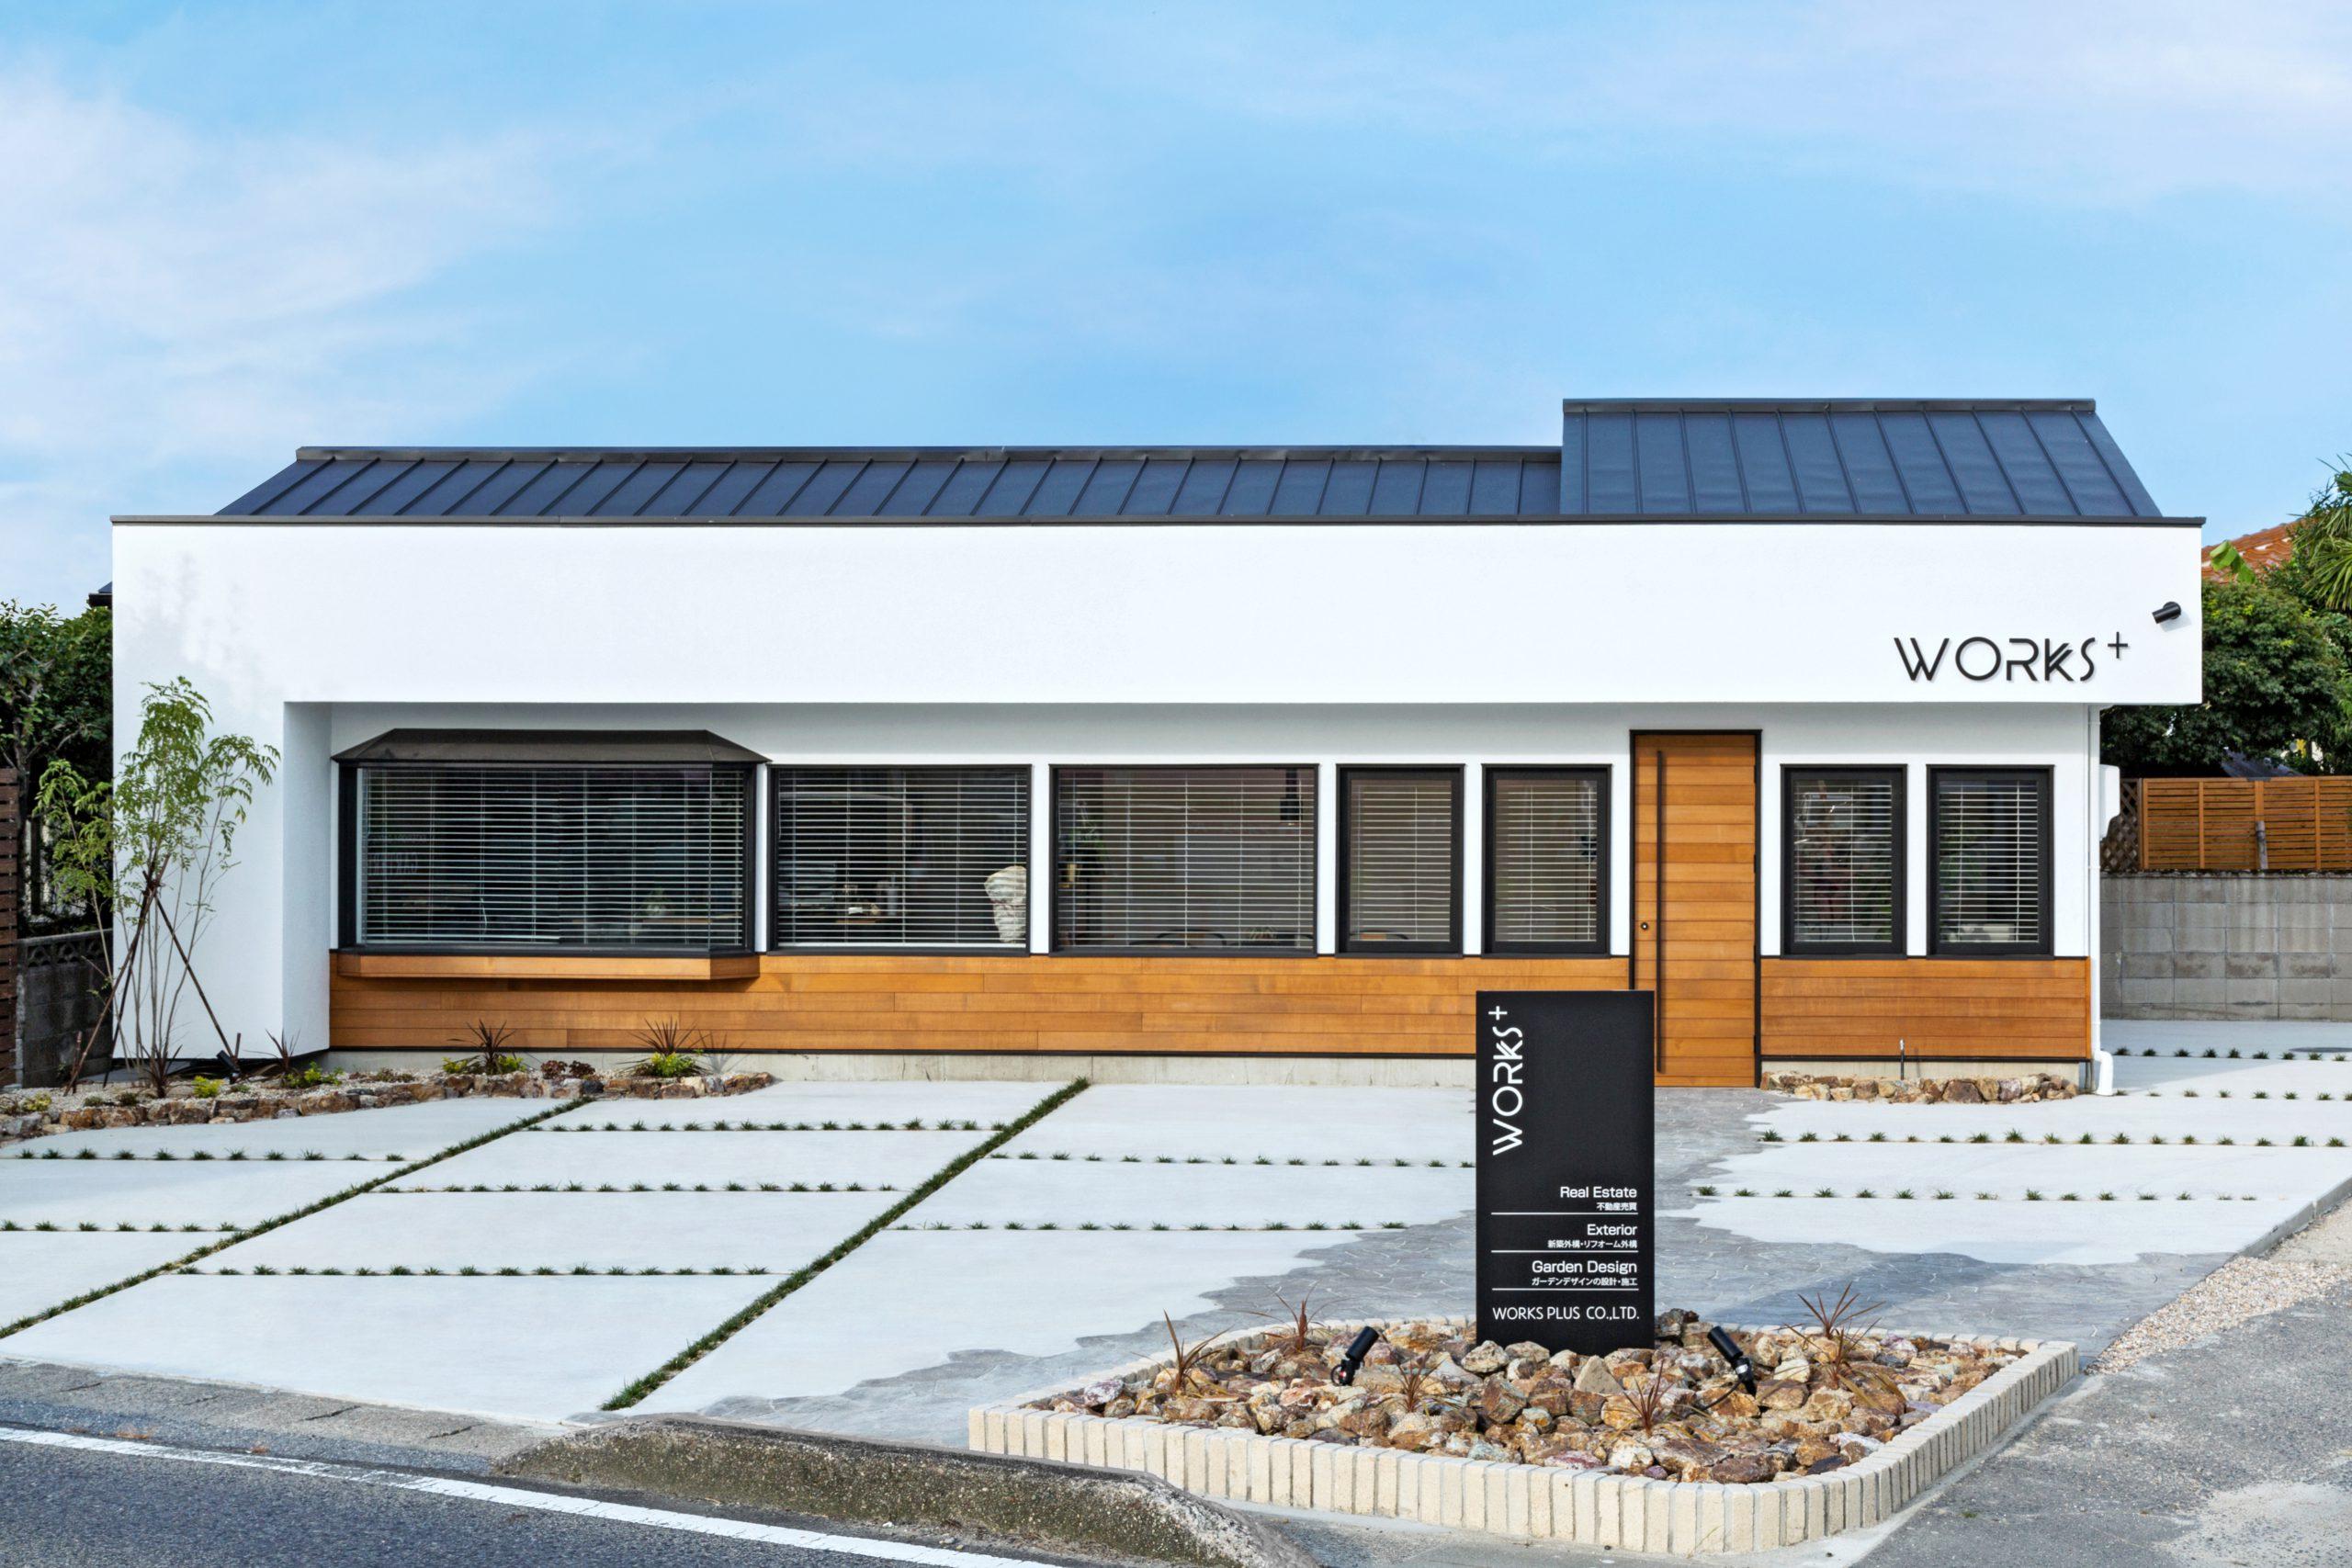 愛知県日進市の不動産売買、新築外構やリフォーム外構、ガーデンデザインの設計・施工「株式会社ワークスプラス」